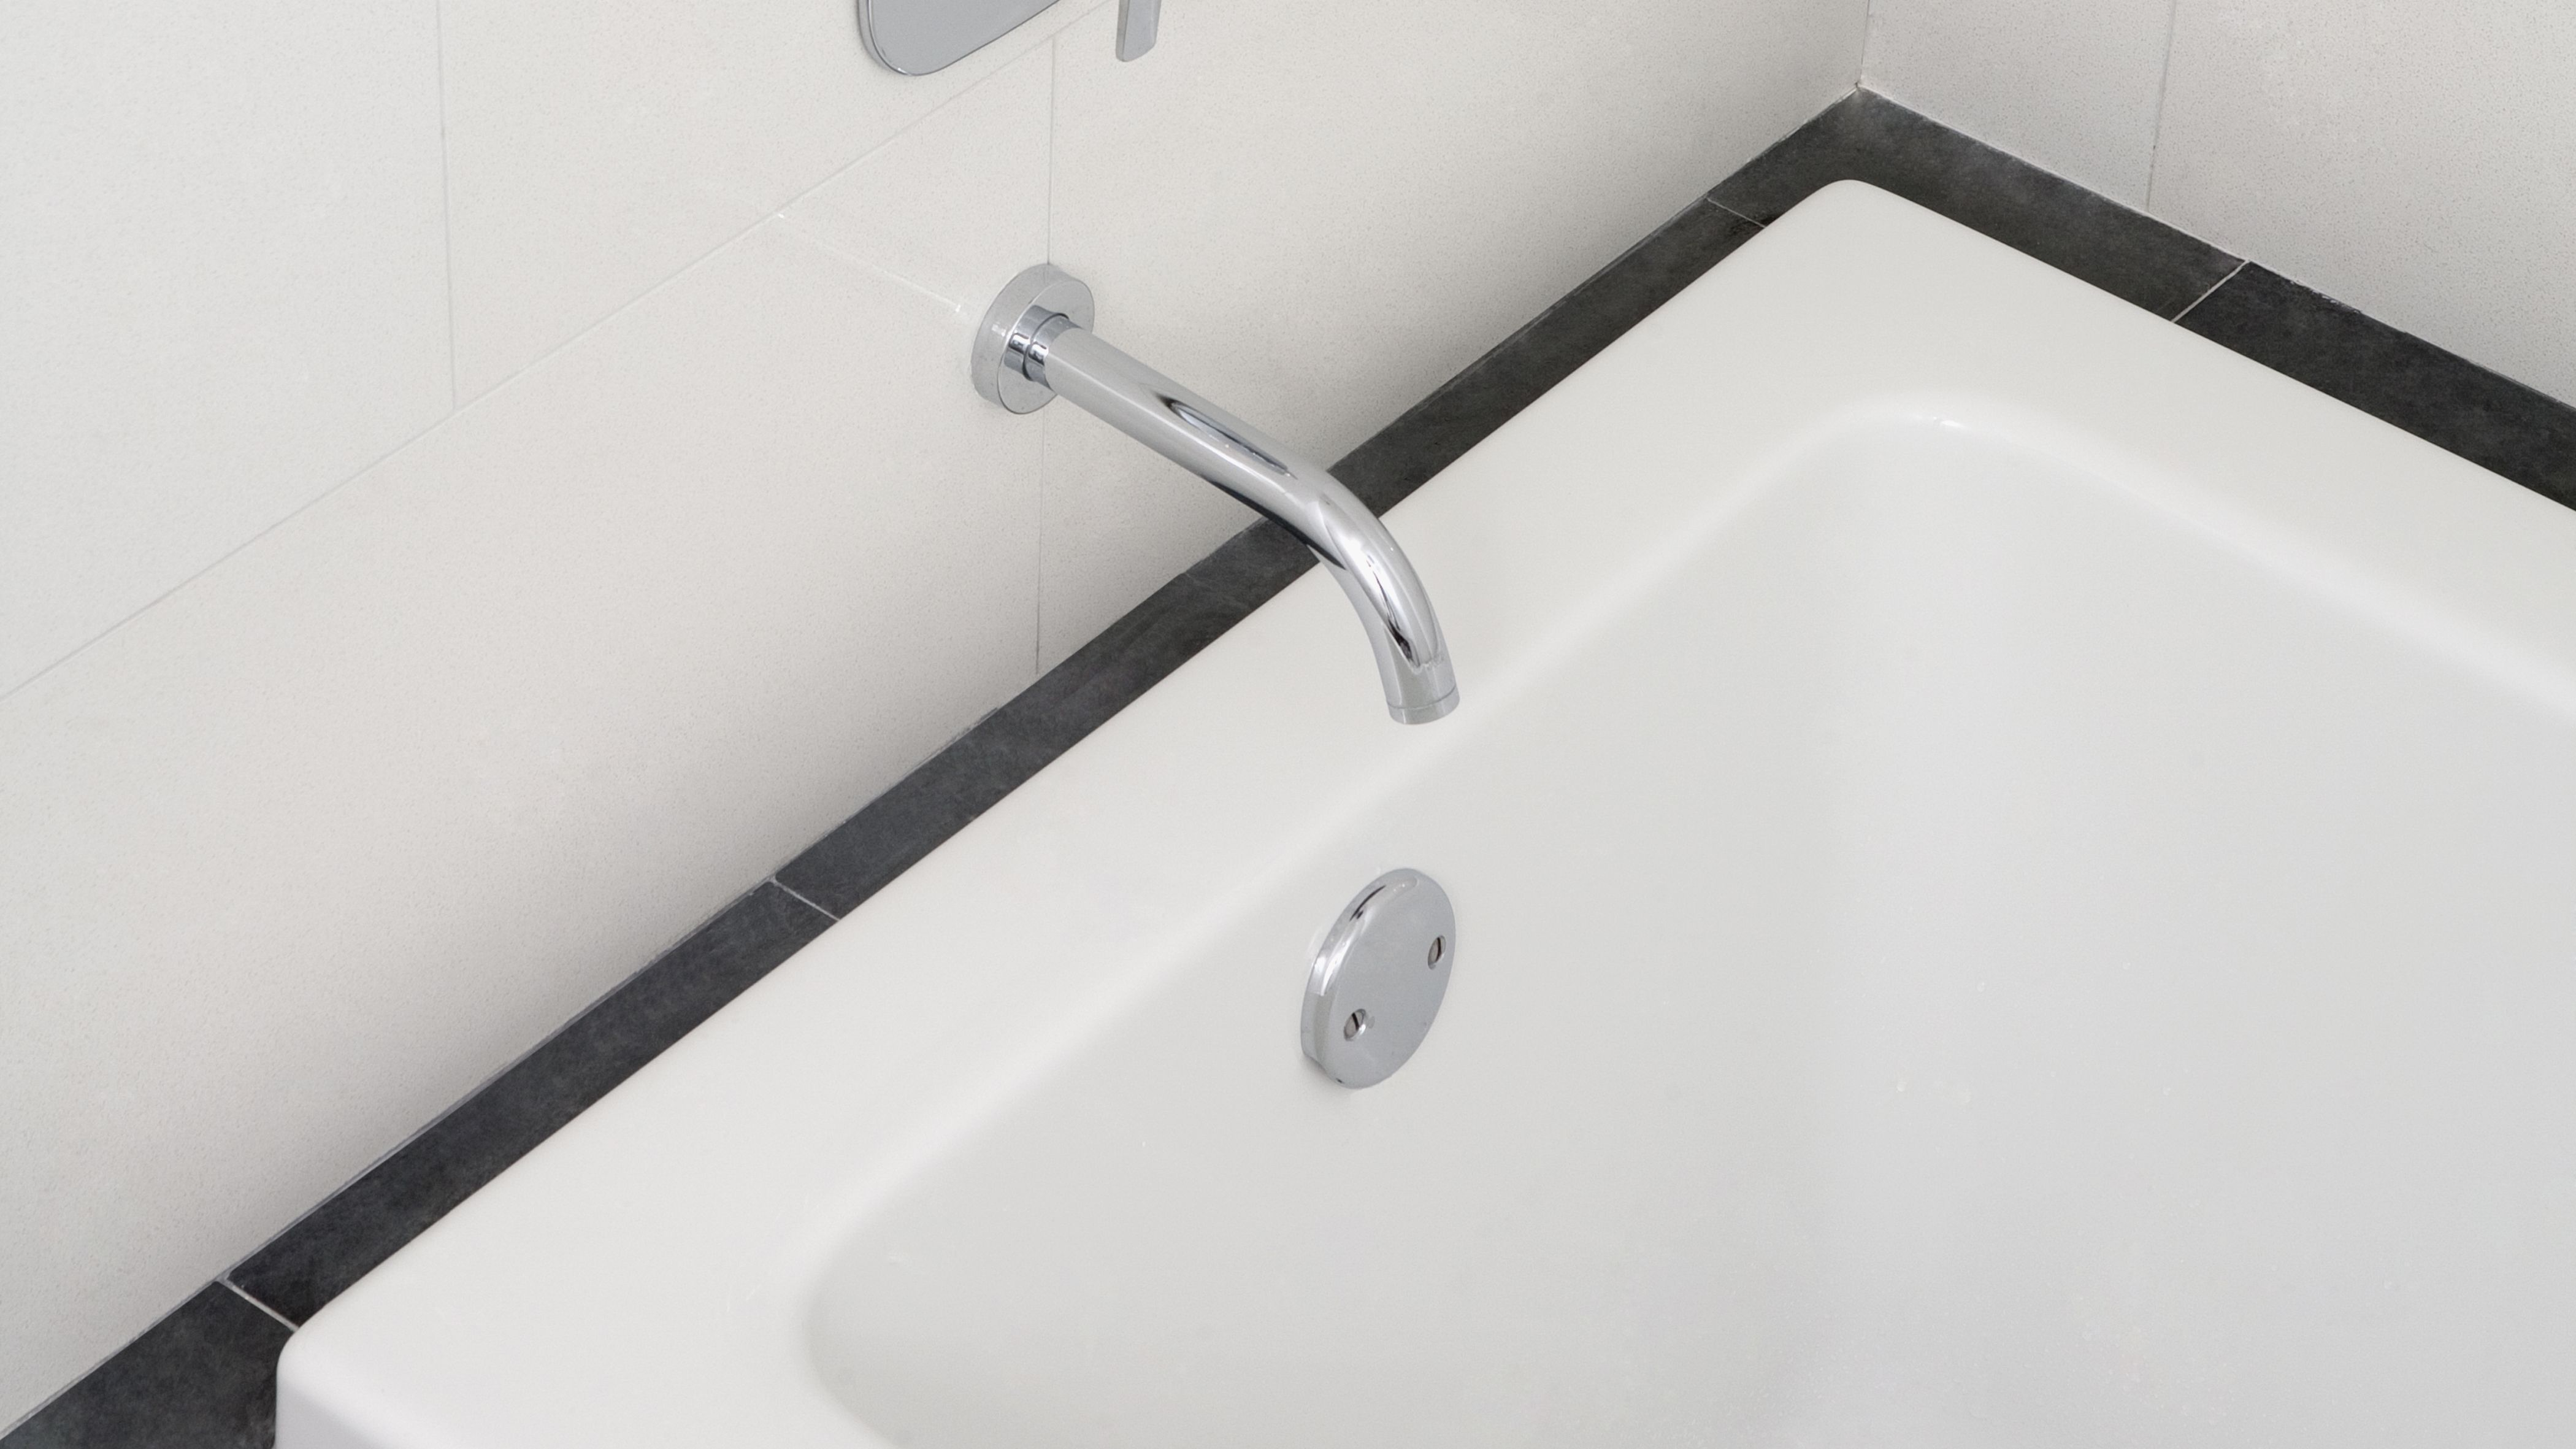 How To Fix A Leaking Bathtub